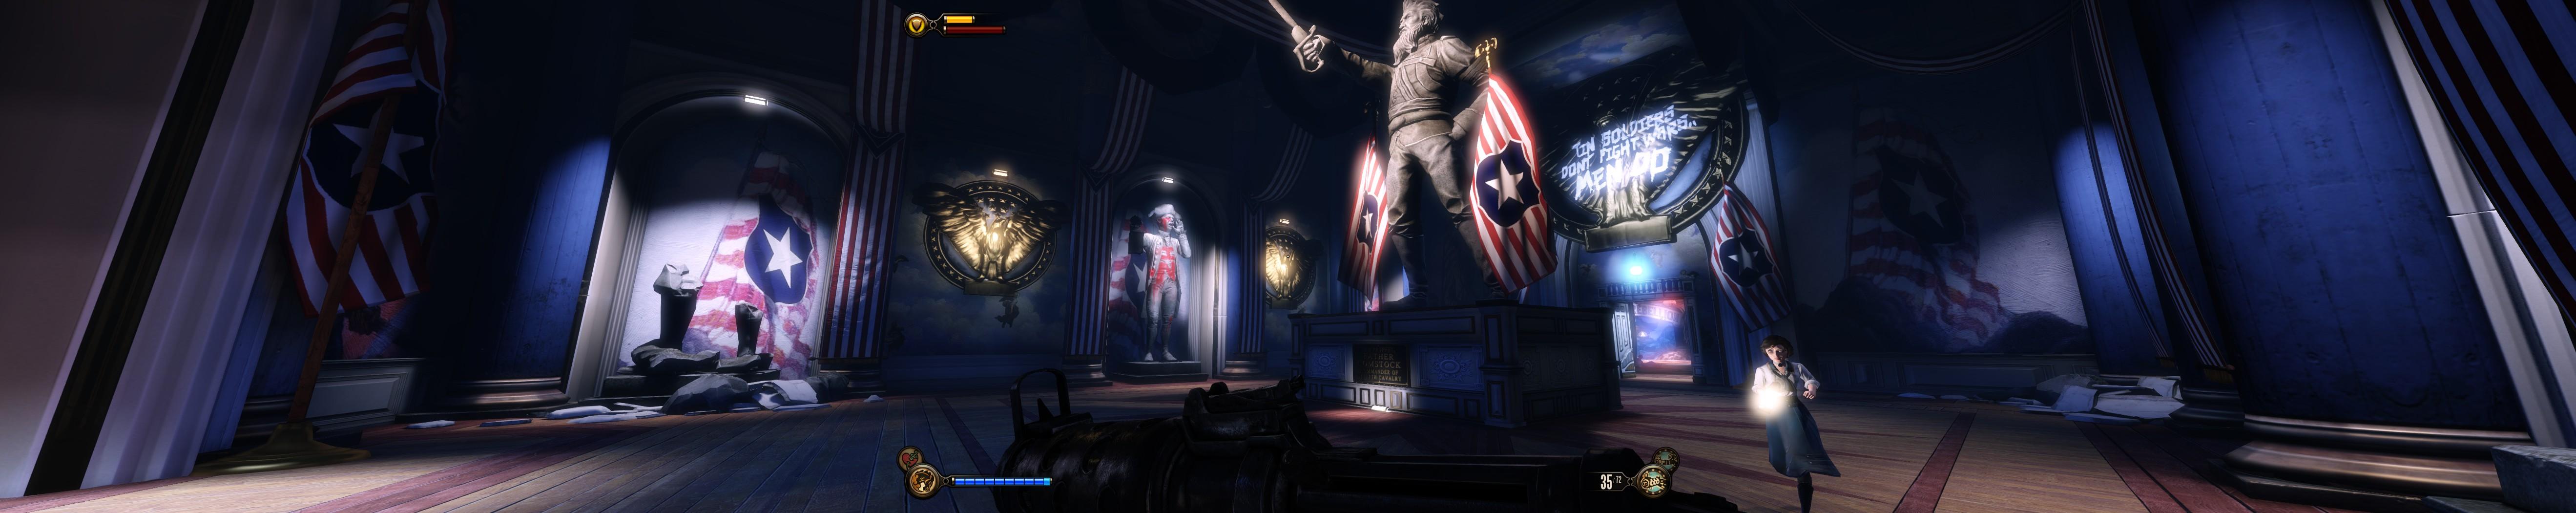 Bioshock_Infinite_2013-04-21_00047